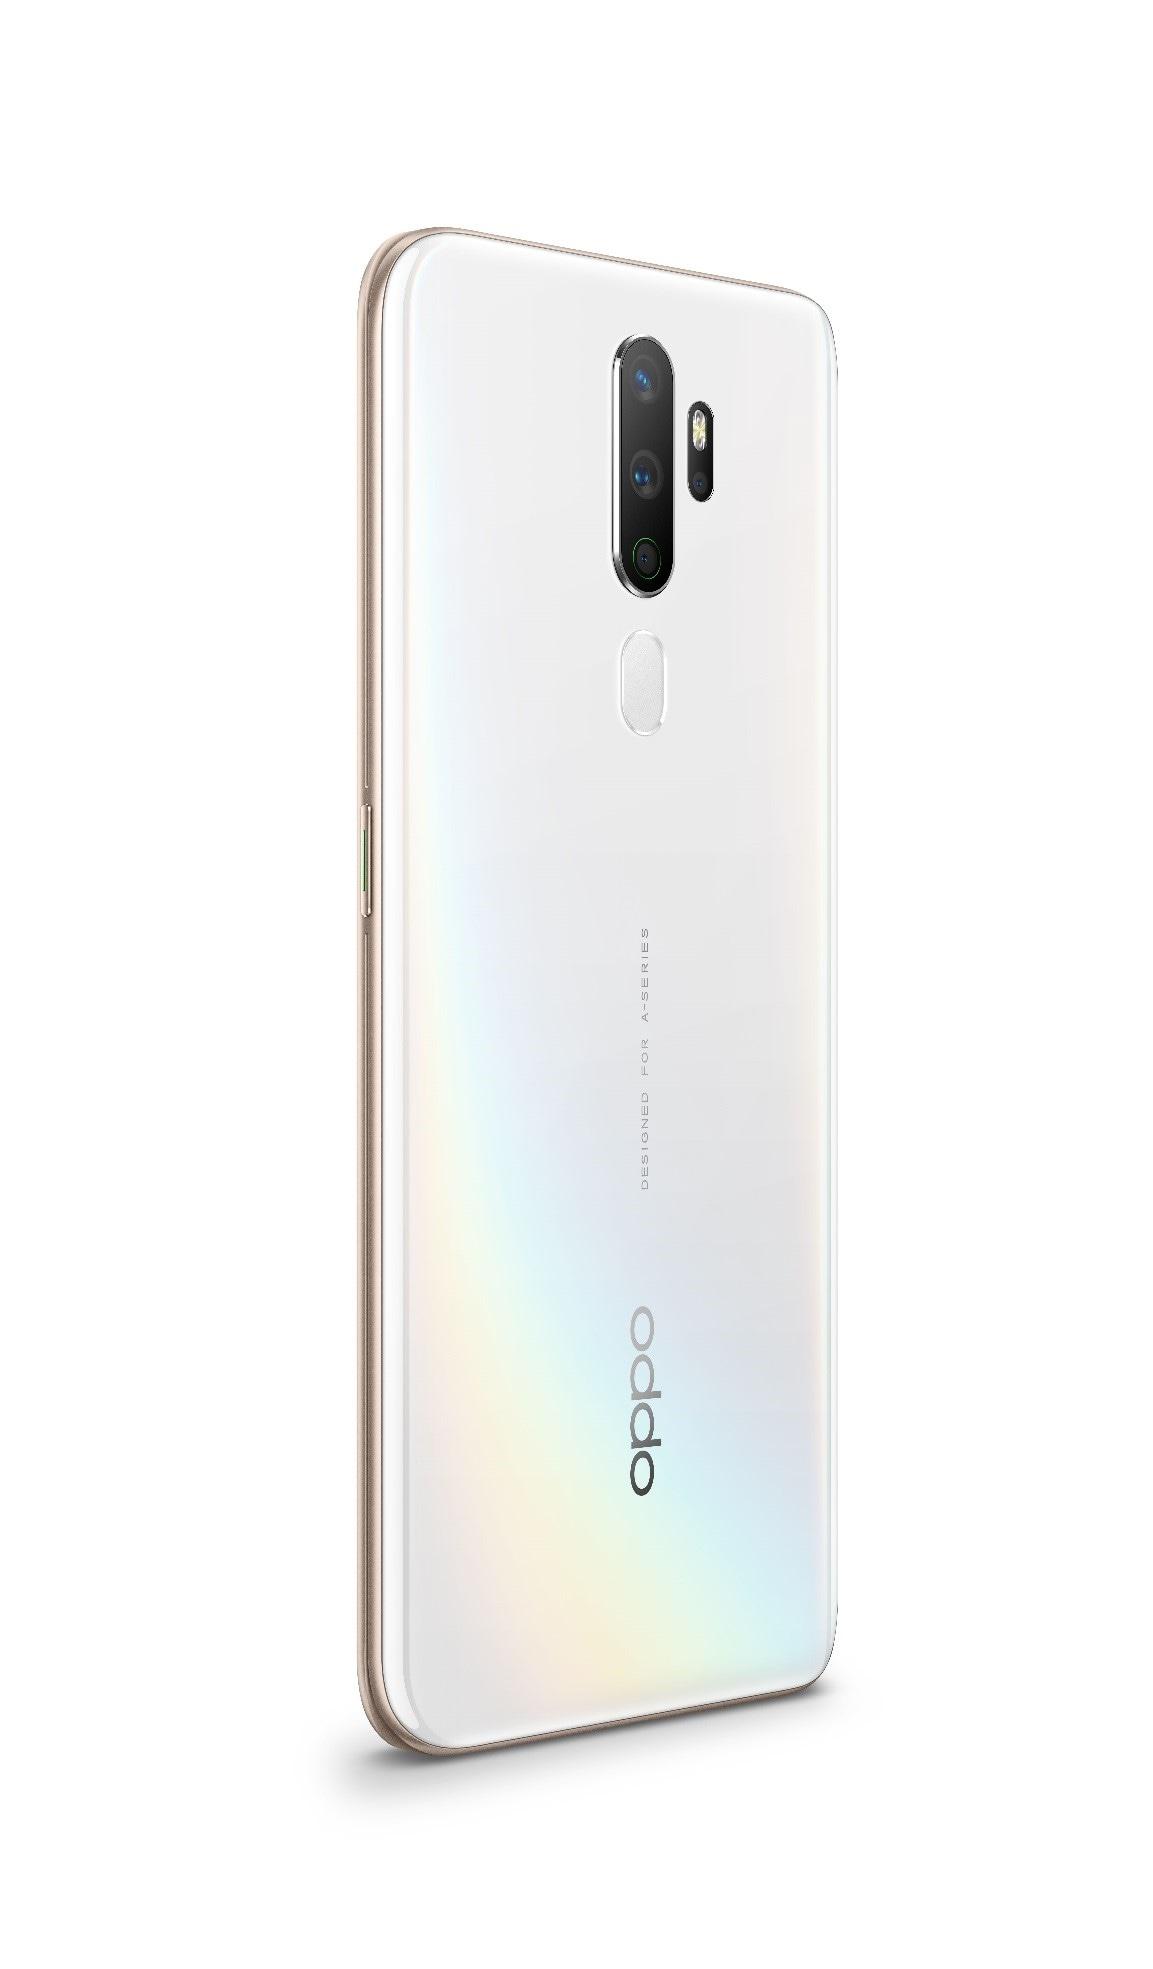 OPPO A5 (2020) ufficiale: tanta batteria e tante fotocamere a meno di 200€